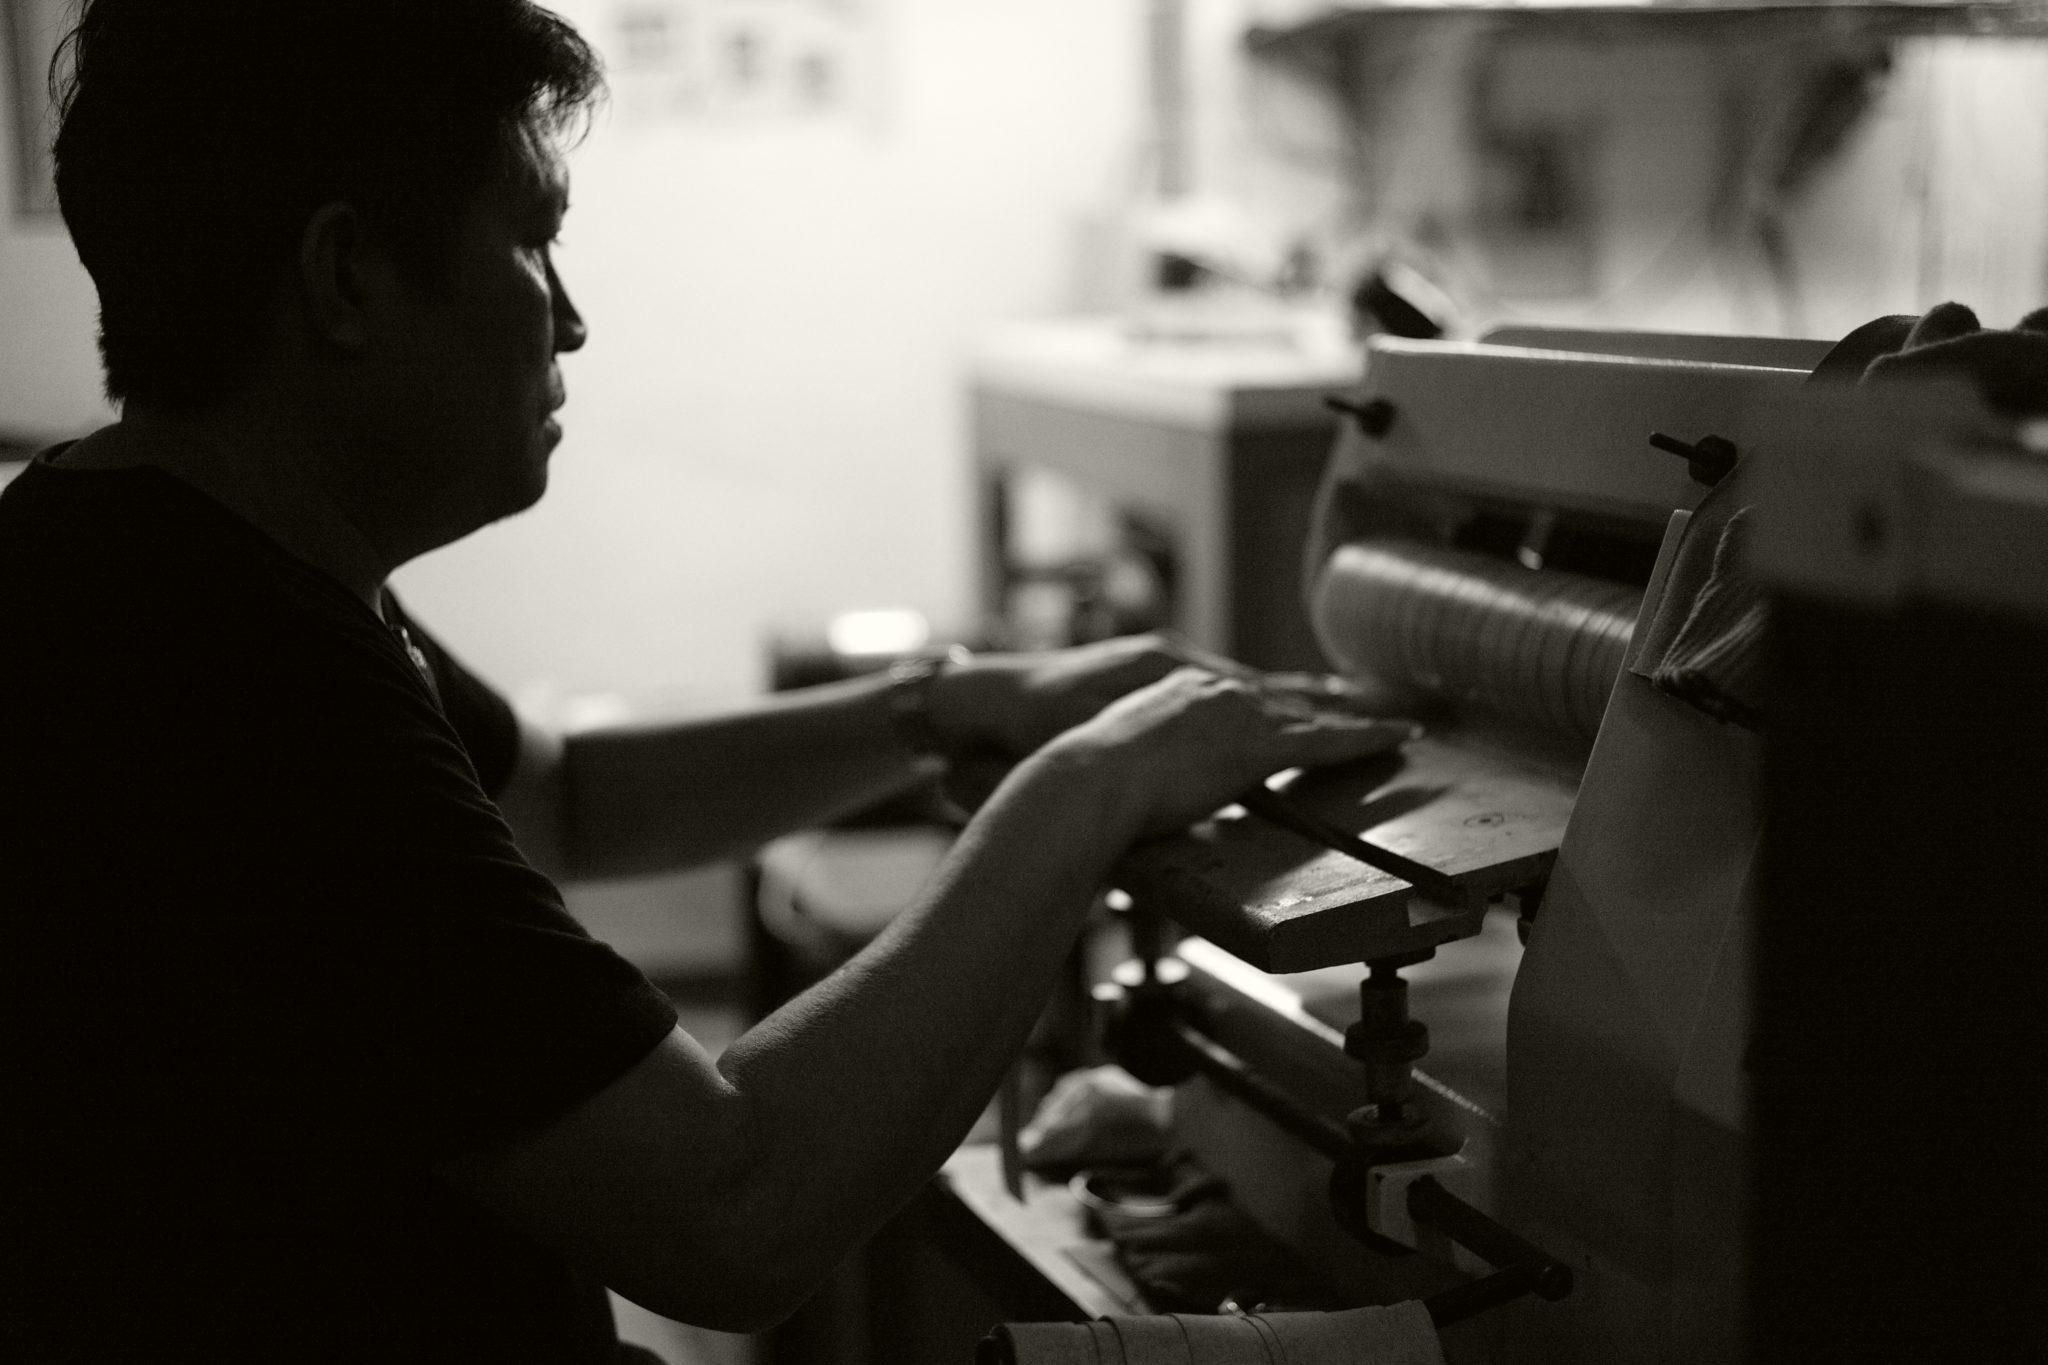 โรงงานรับผลิต สินค้าเครื่องหนัง leatherware